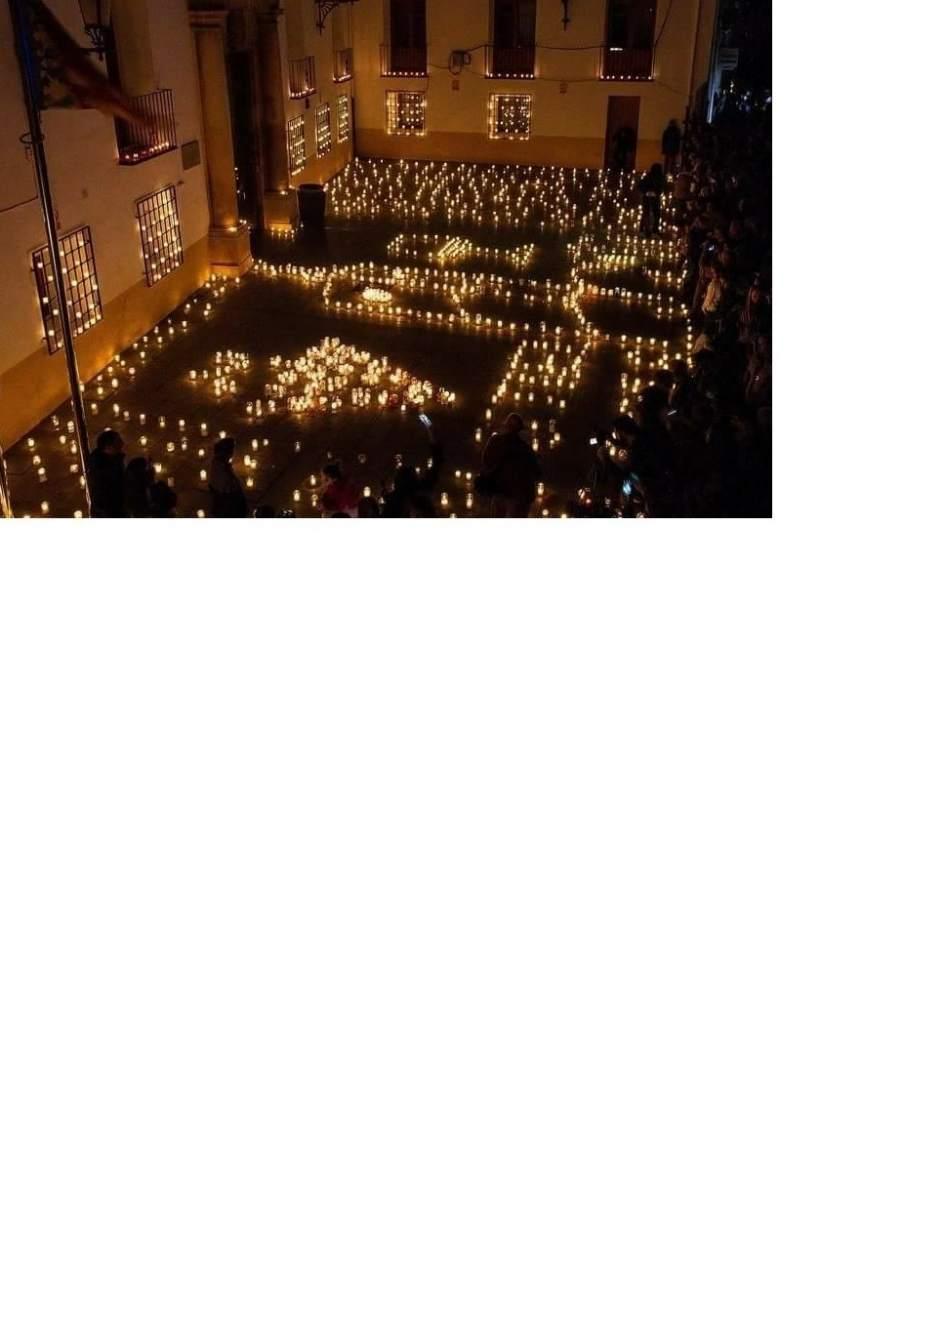 Utiel ilumina sus calles con cirios en la iii for Pisos en utiel